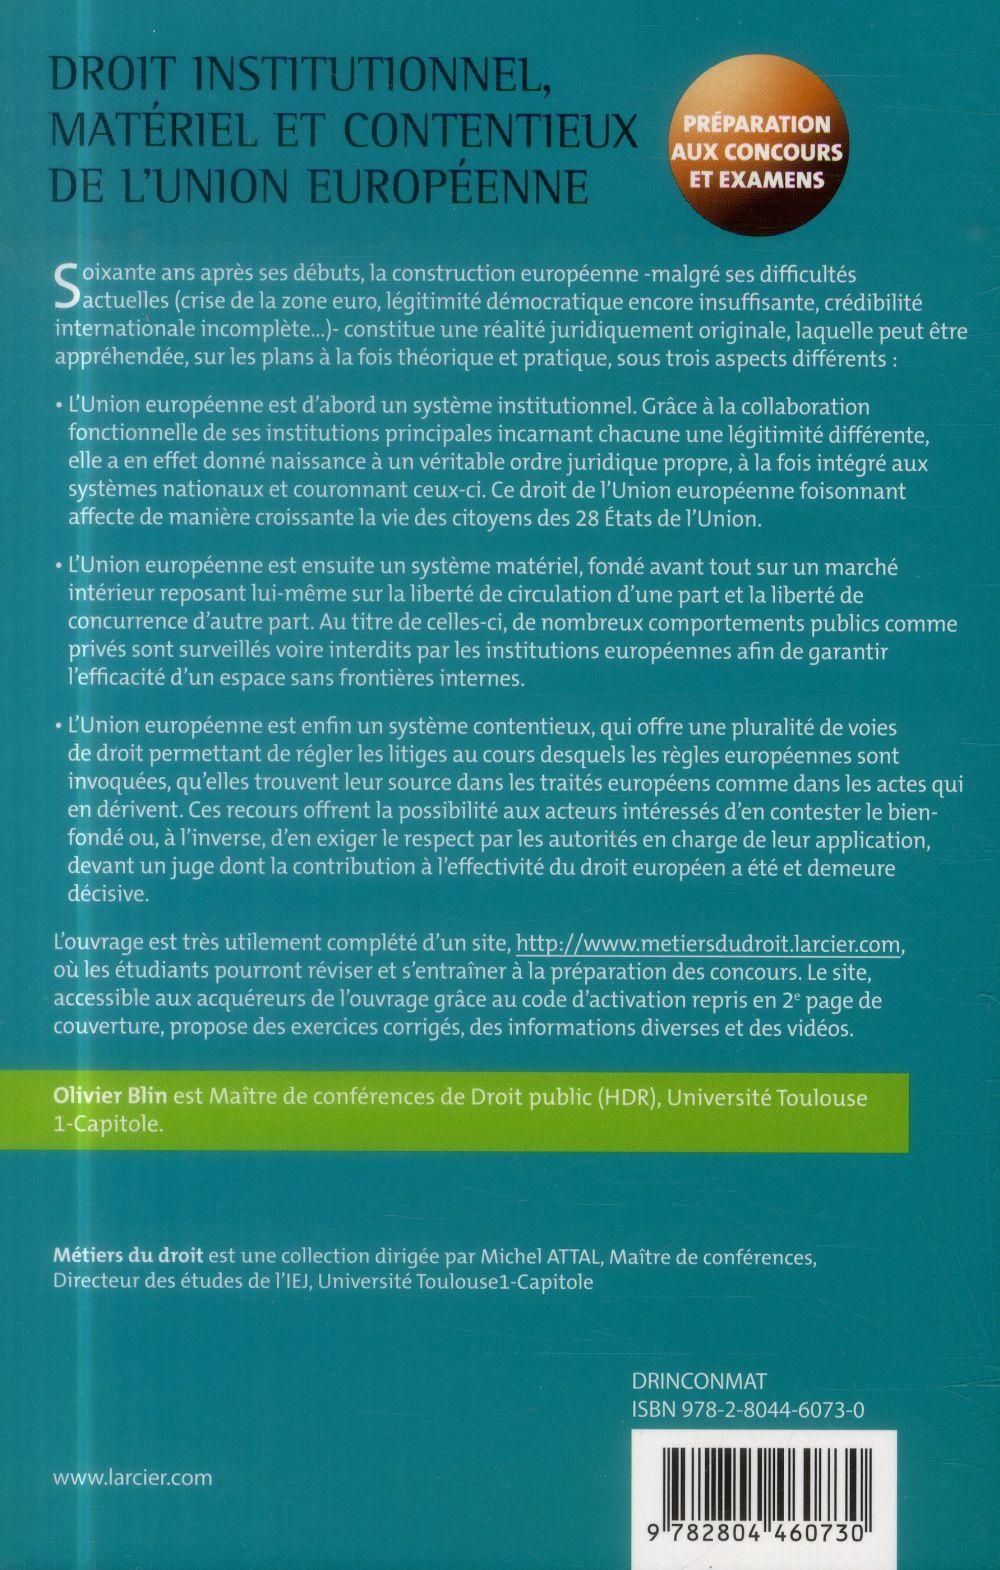 droit institutionnel, contentieux et matériel de l'union européenne